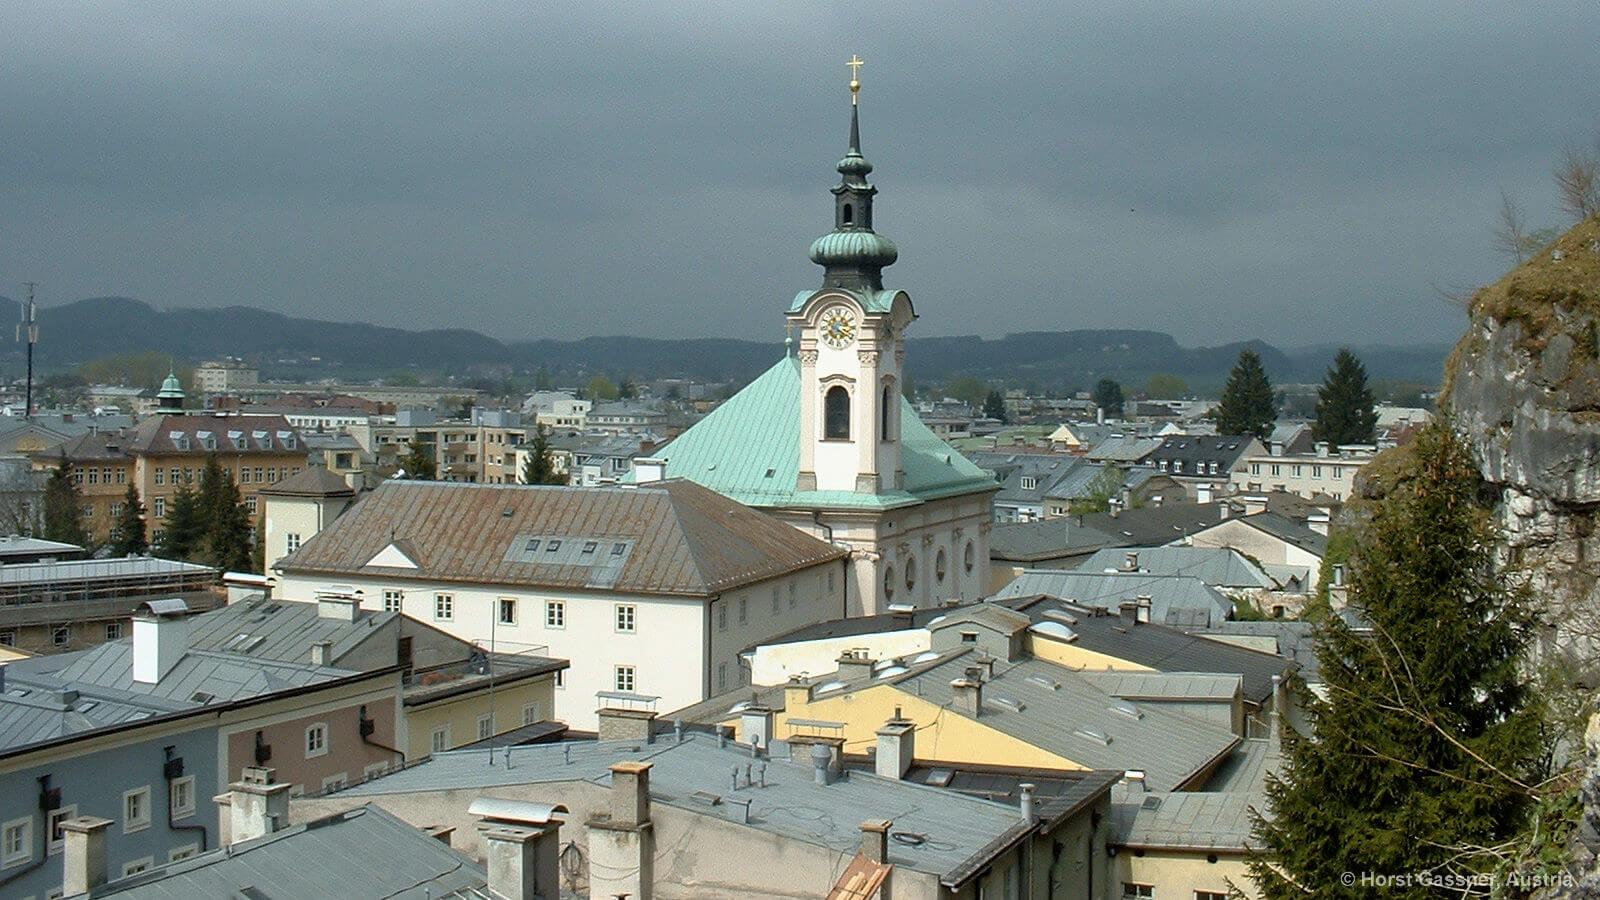 Auf dem Kapuzinerberg - Blick über Salzburg beim Aussichtspunkt am Kloster